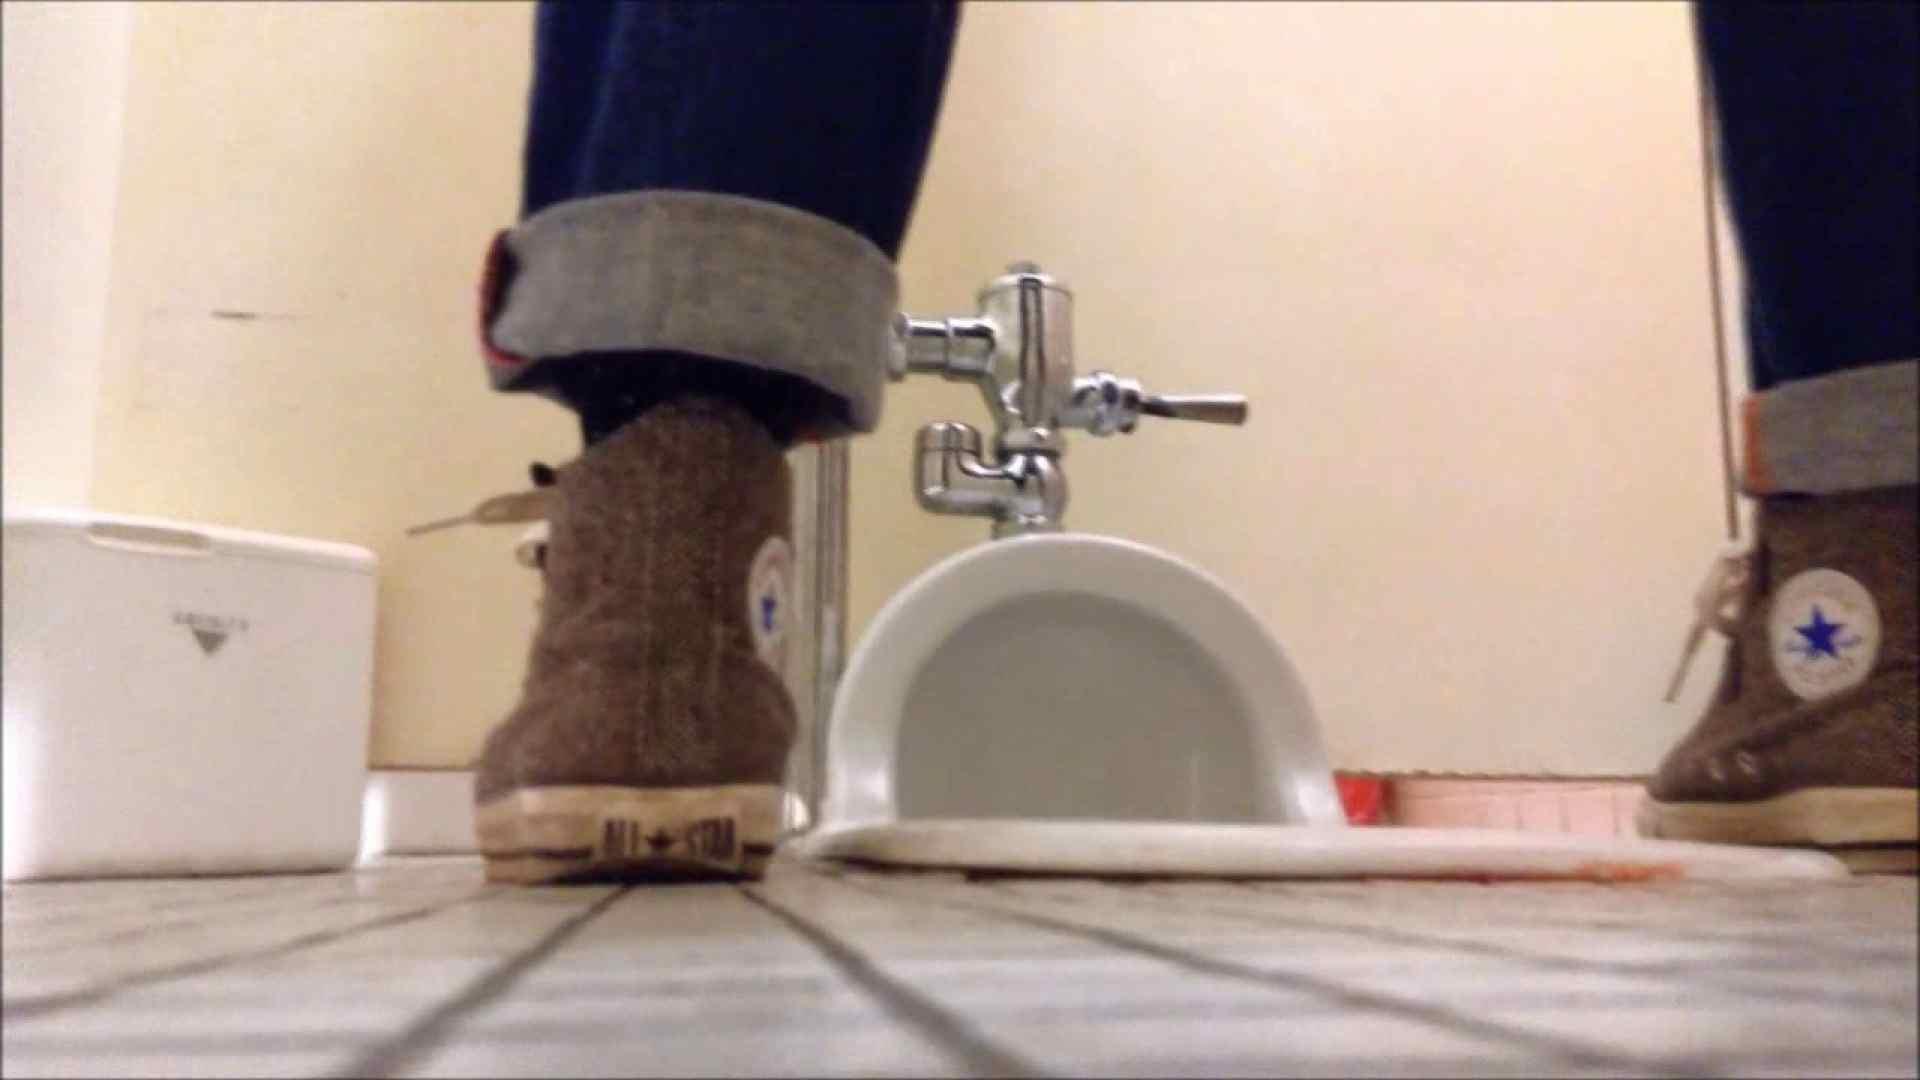 某有名大学女性洗面所 vol.08 排泄 隠し撮りオマンコ動画紹介 58pic 47